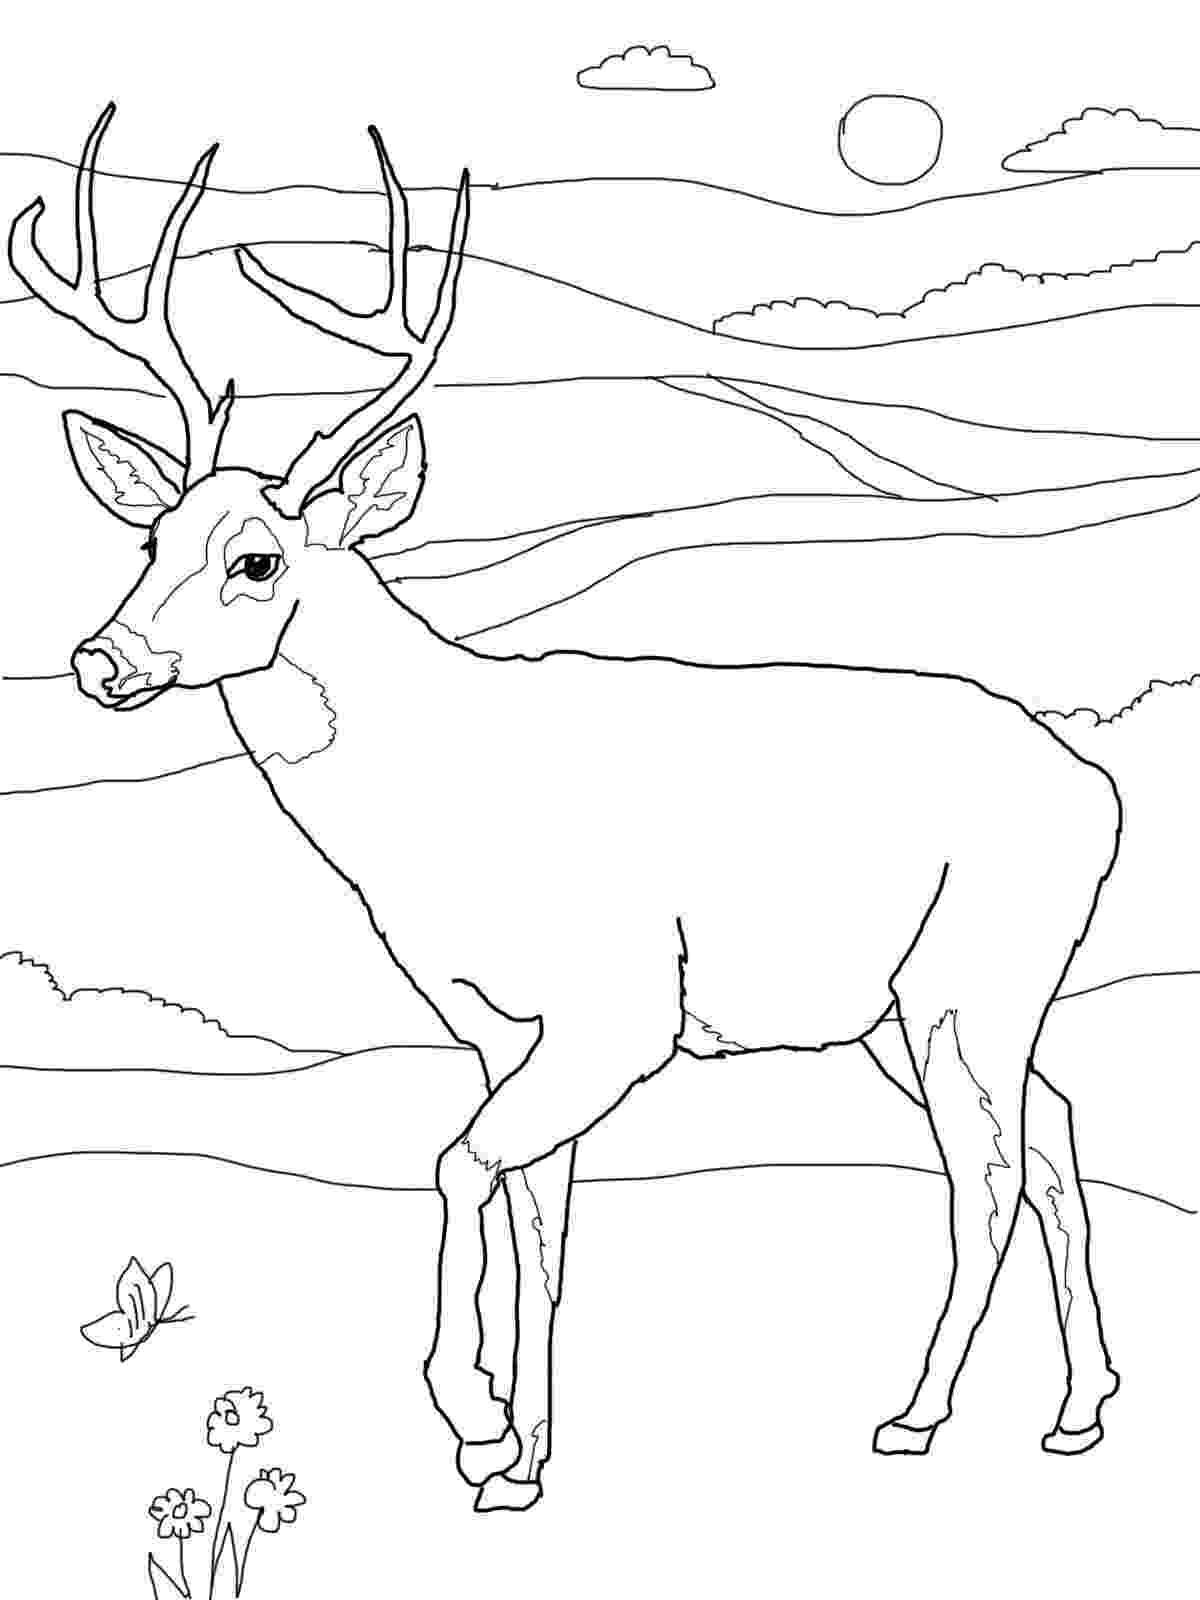 coloring book deer free printable deer coloring pages for kids deer book coloring